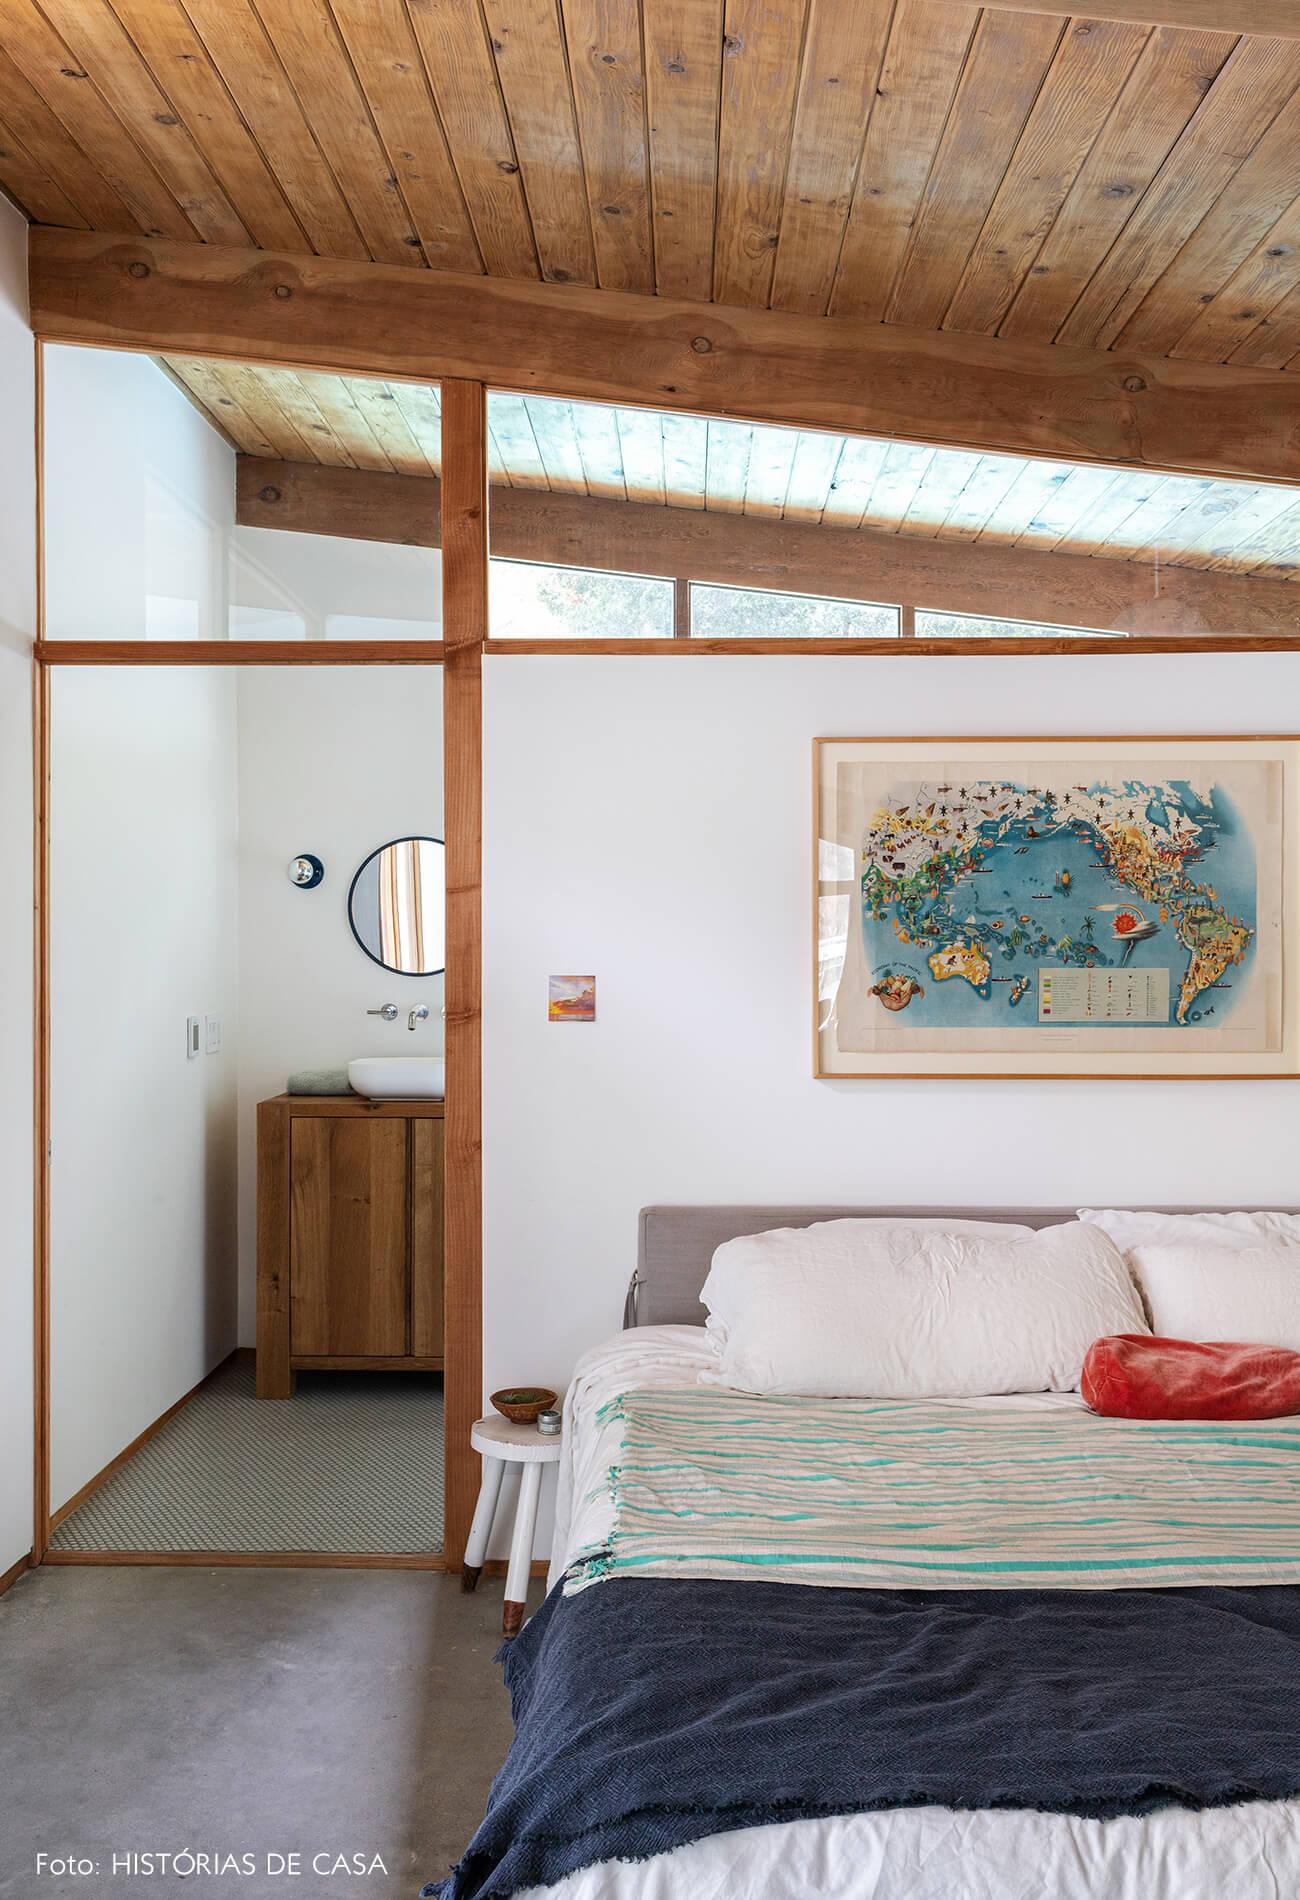 decoração casa de vidro e madeira quarto com mapa na parede